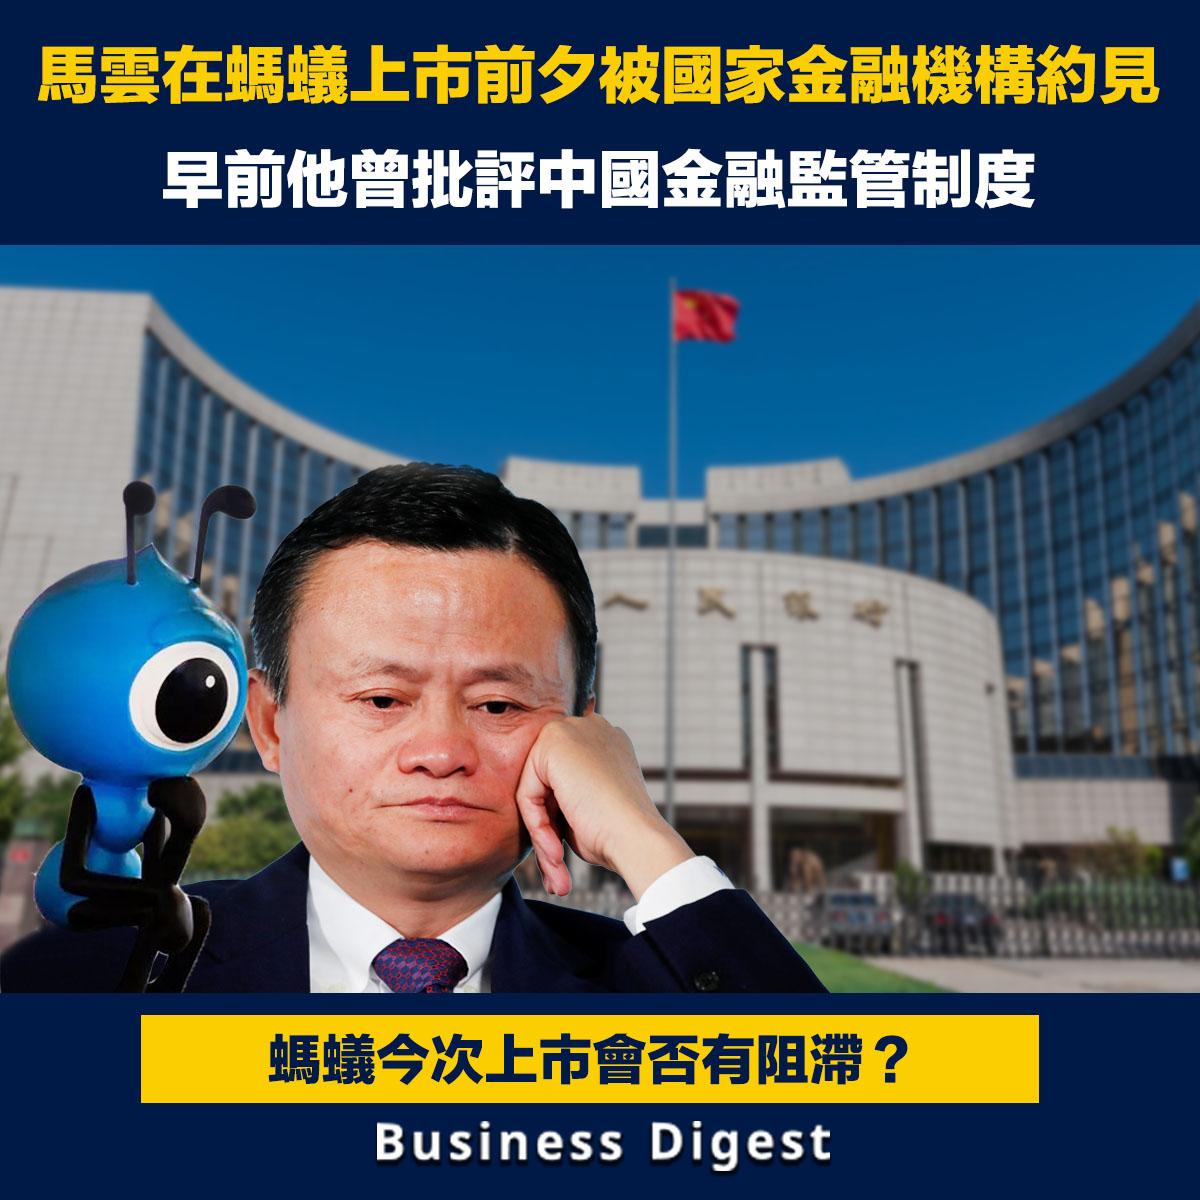 退休後的馬雲更不斷爆出金句,此前更在峰會上批評中國監管,在螞蟻集團A+H股同步上市的前夕,馬雲等集團核心人物被人行等部門聯合約談